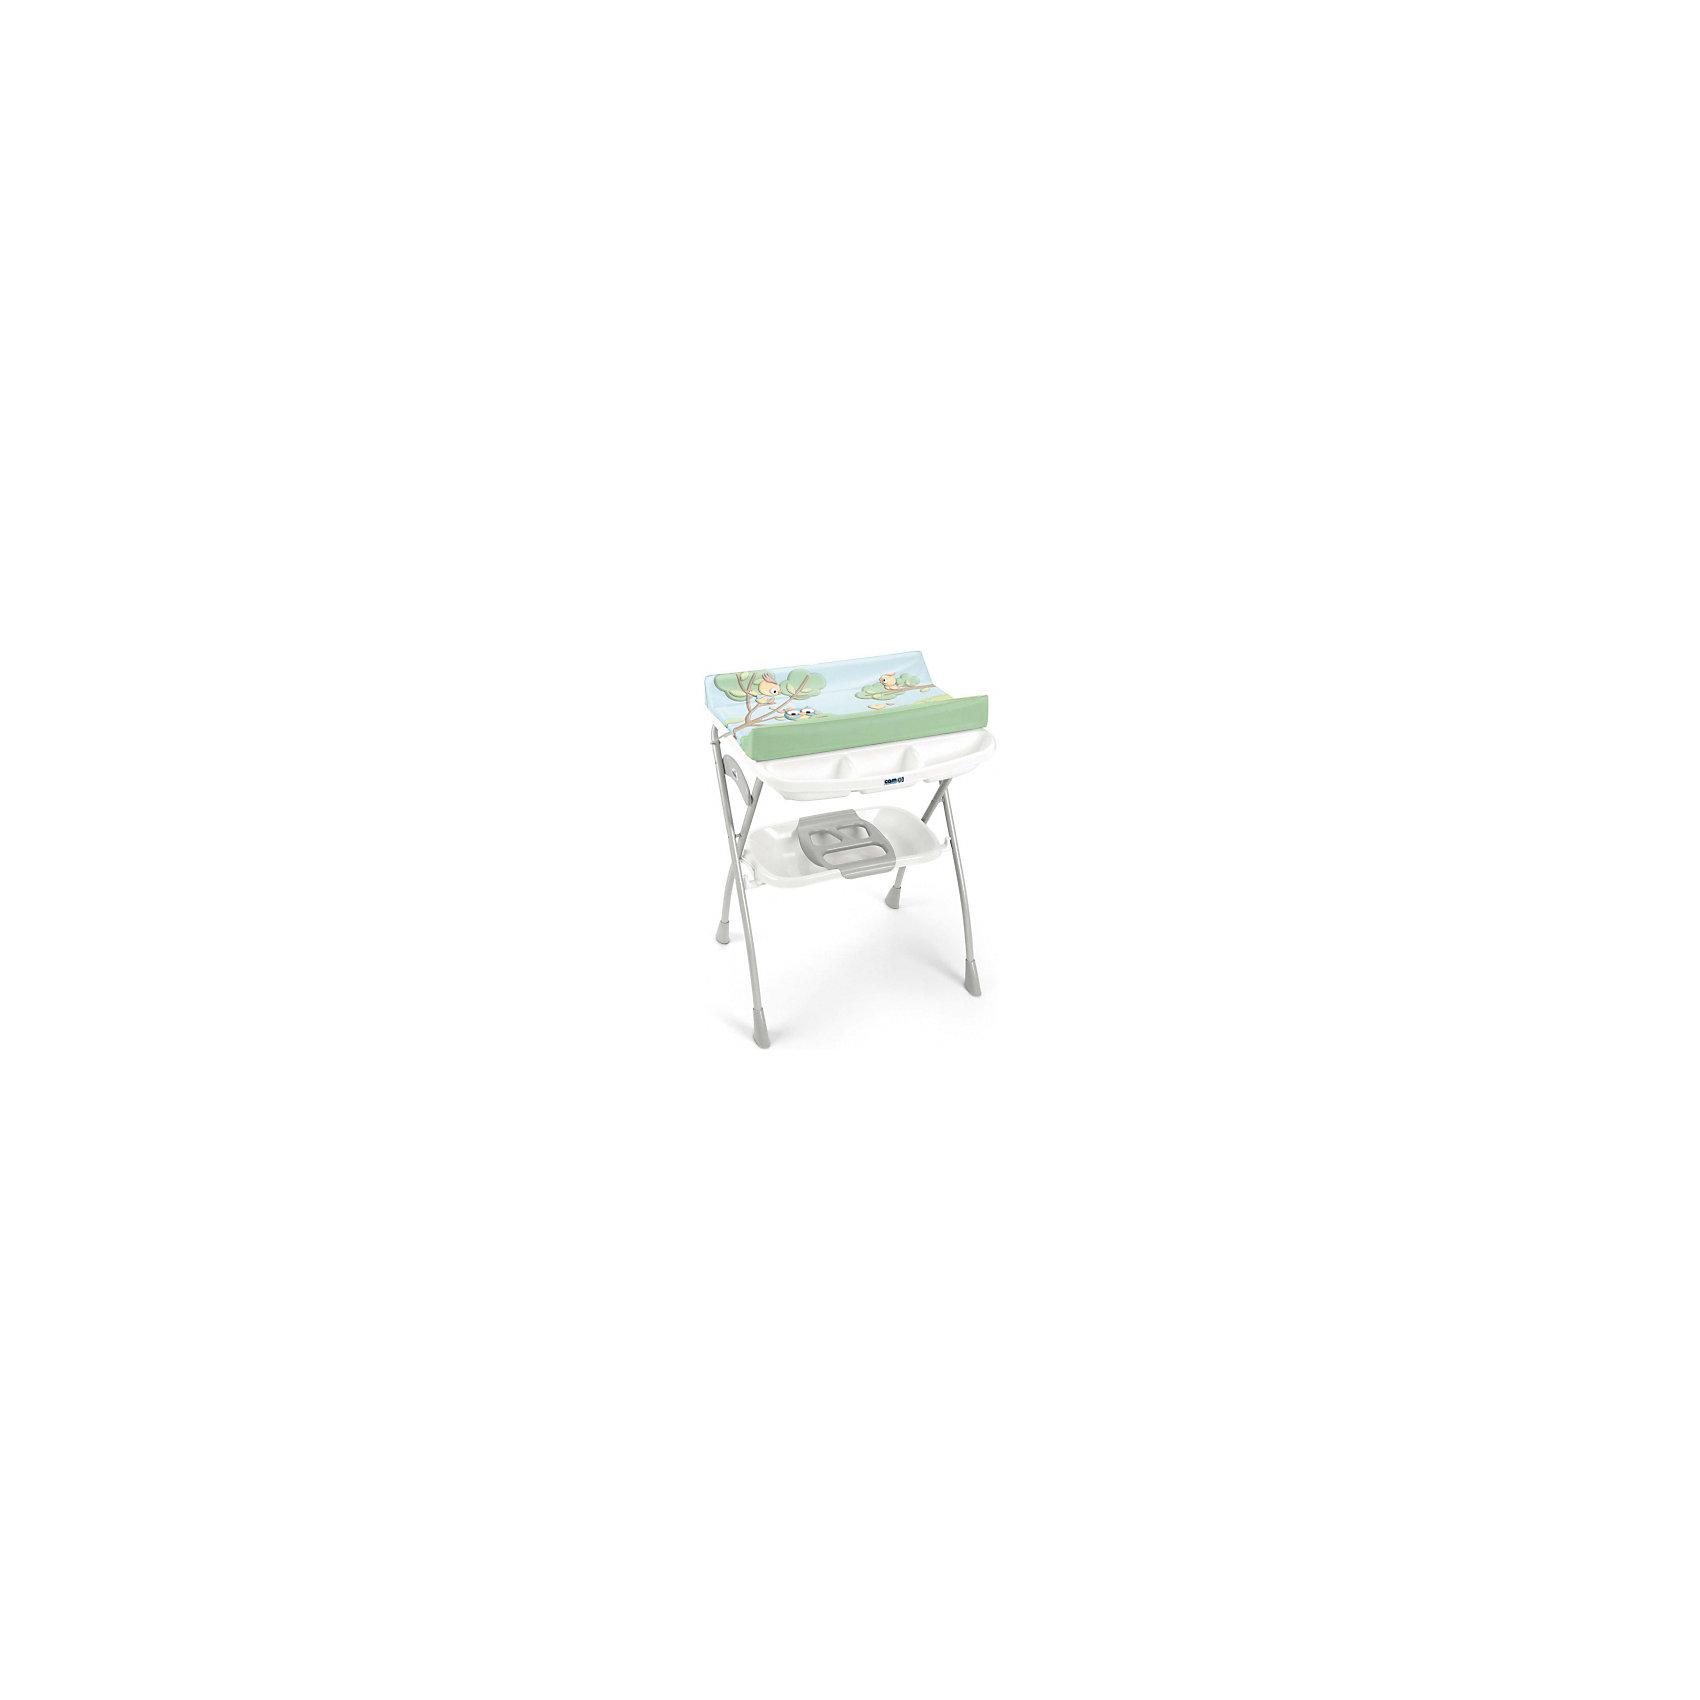 Пеленальный столик Volare, CAM, c совами и белой полкойВанны, горки, сиденья<br>Пеленальный стол Volare, CAM, идеально подходит для удобного и комфортного ухода за малышом. Основу конструкции составляет металлический каркас с закругленными углами. Съемная анатомическая ванночка может использоваться в 2-х позициях: для малышей от 0 до 6<br>месяцев и от 6 до 12 месяцев. Предусмотрены отделения для губки и мыла и отверстие для подвода воды через трубку. Под дном ванночки крепится удобный пластиковый контейнер с полкой-держателем для бутылочек и необходимых принадлежностей во время купания. Жесткий<br>пеленальный матрасик с высокими бортиками надежно и бережно поддерживает спинку малыша, оснащен системой безопасного крепления. 4 нескользящие ножки обеспечивают надежность и устойчивость. Уникальная система безопасности предотвращает самопроизвольное<br>складывание всей конструкции. Пеленальный столик легко и компактно складывается и не занимает много места при хранении.<br><br><br>Дополнительная информация:<br><br>- Цвет: c совами и белой полкой.<br>- Материал: пластик.<br>- Размер в разложенном виде: 78 x 66 x 103 см.<br>- Размер в сложенном виде: 78 x 22 x 110 см.<br>- Вес: 7,4 кг.<br><br>Пеленальный стол Volare, CAM, c совами и белой полкой, можно купить в нашем интернет-магазине.<br><br>Ширина мм: 1090<br>Глубина мм: 195<br>Высота мм: 810<br>Вес г: 10300<br>Возраст от месяцев: 0<br>Возраст до месяцев: 12<br>Пол: Унисекс<br>Возраст: Детский<br>SKU: 4761354